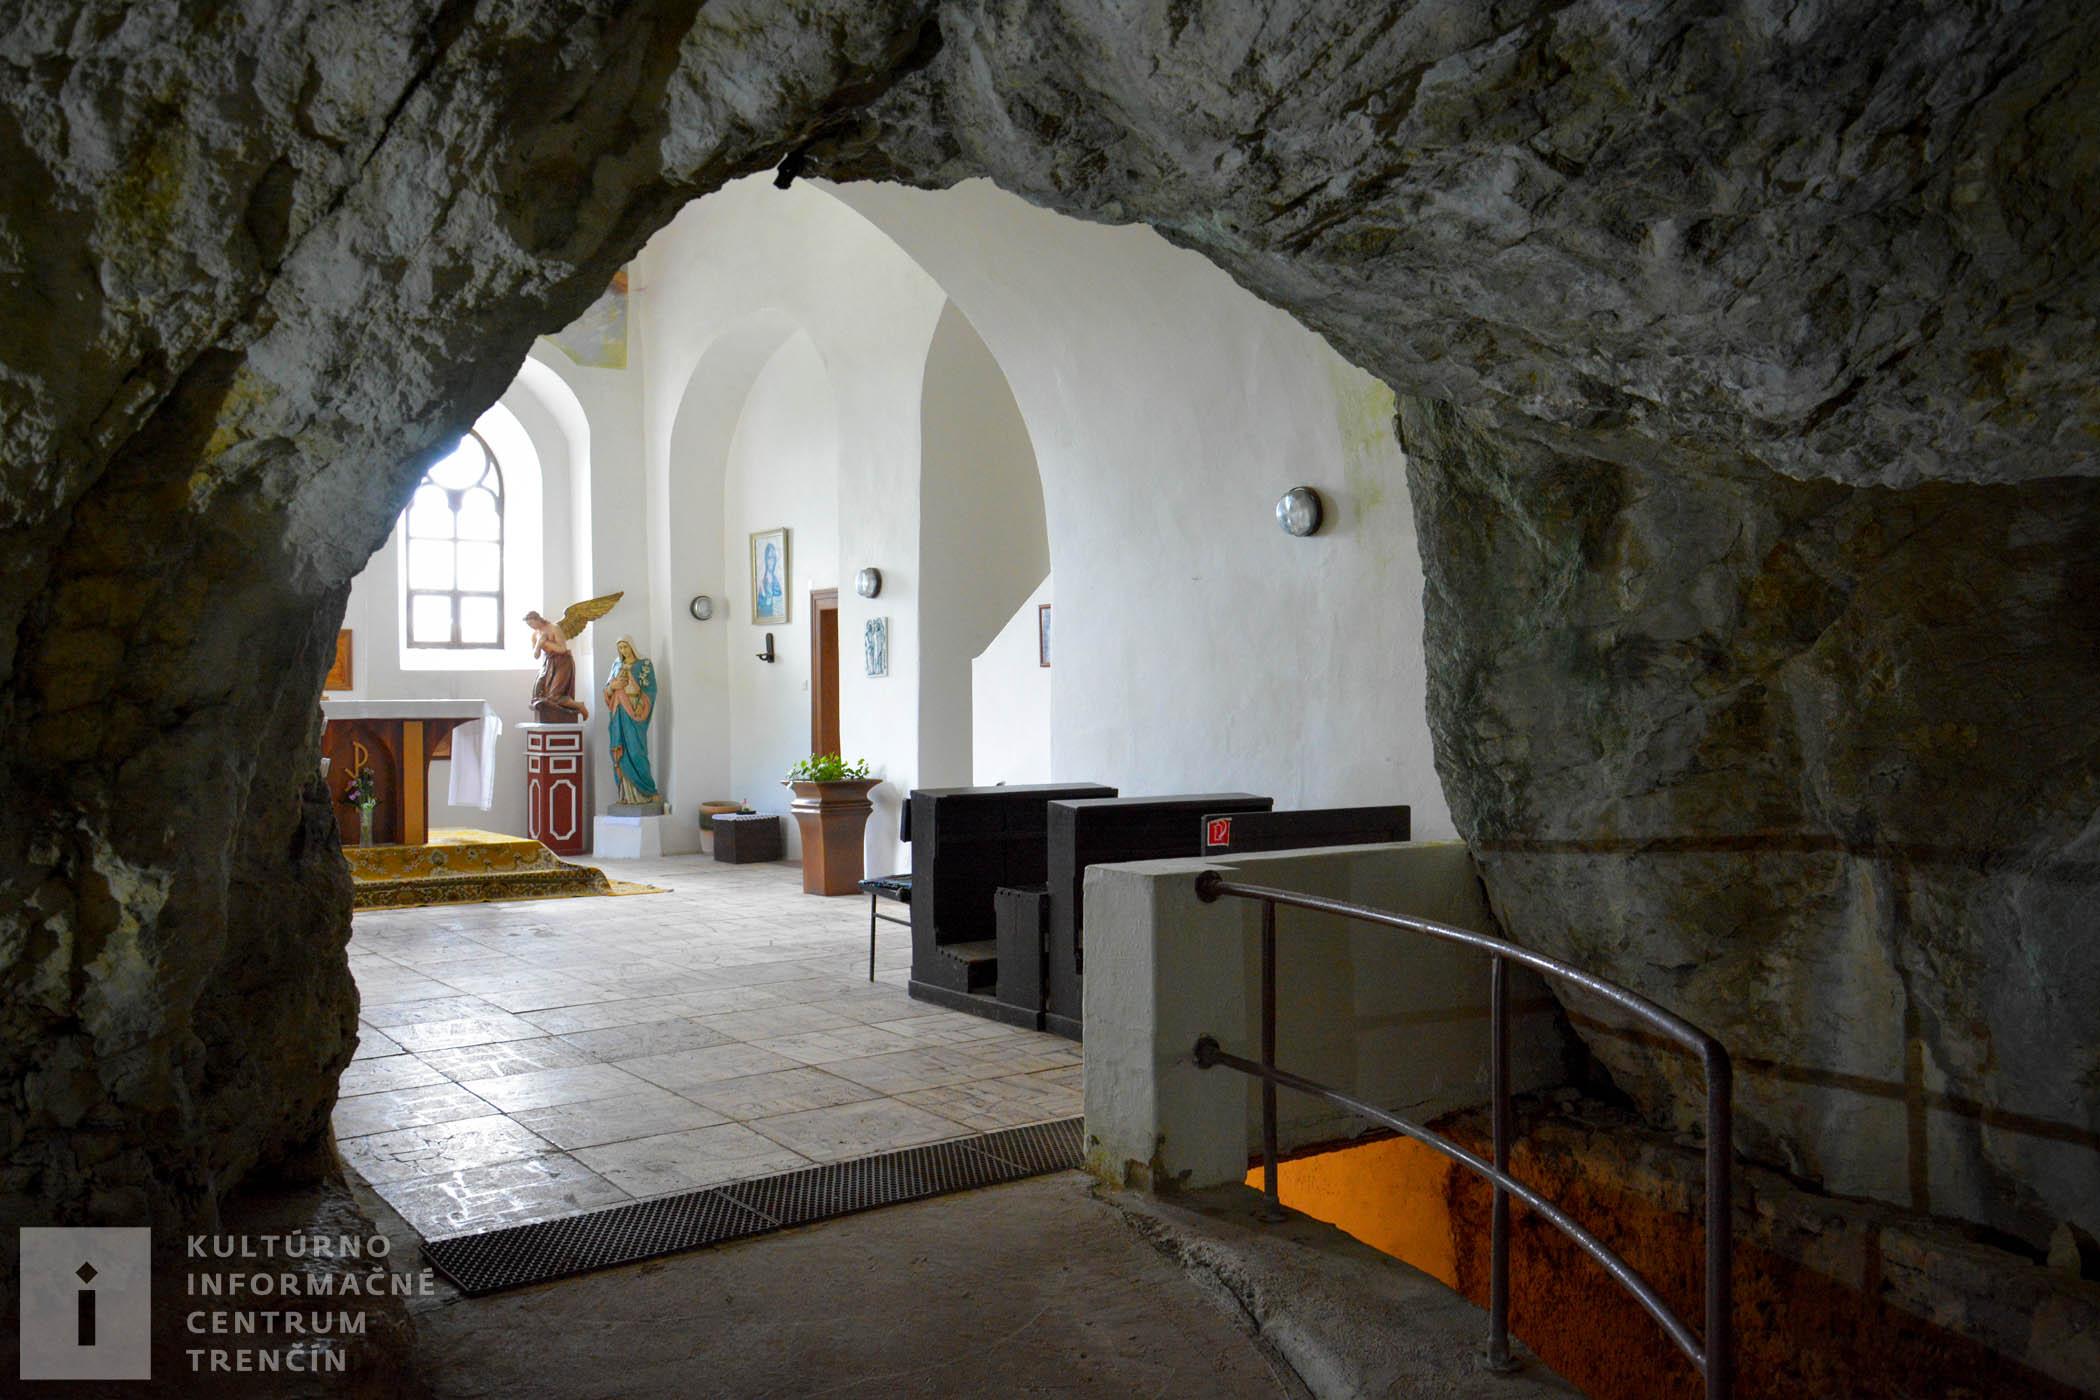 Kaplnka kláštora na Veľkej Skalke/Chapel in the Veľká Skalka Monastery